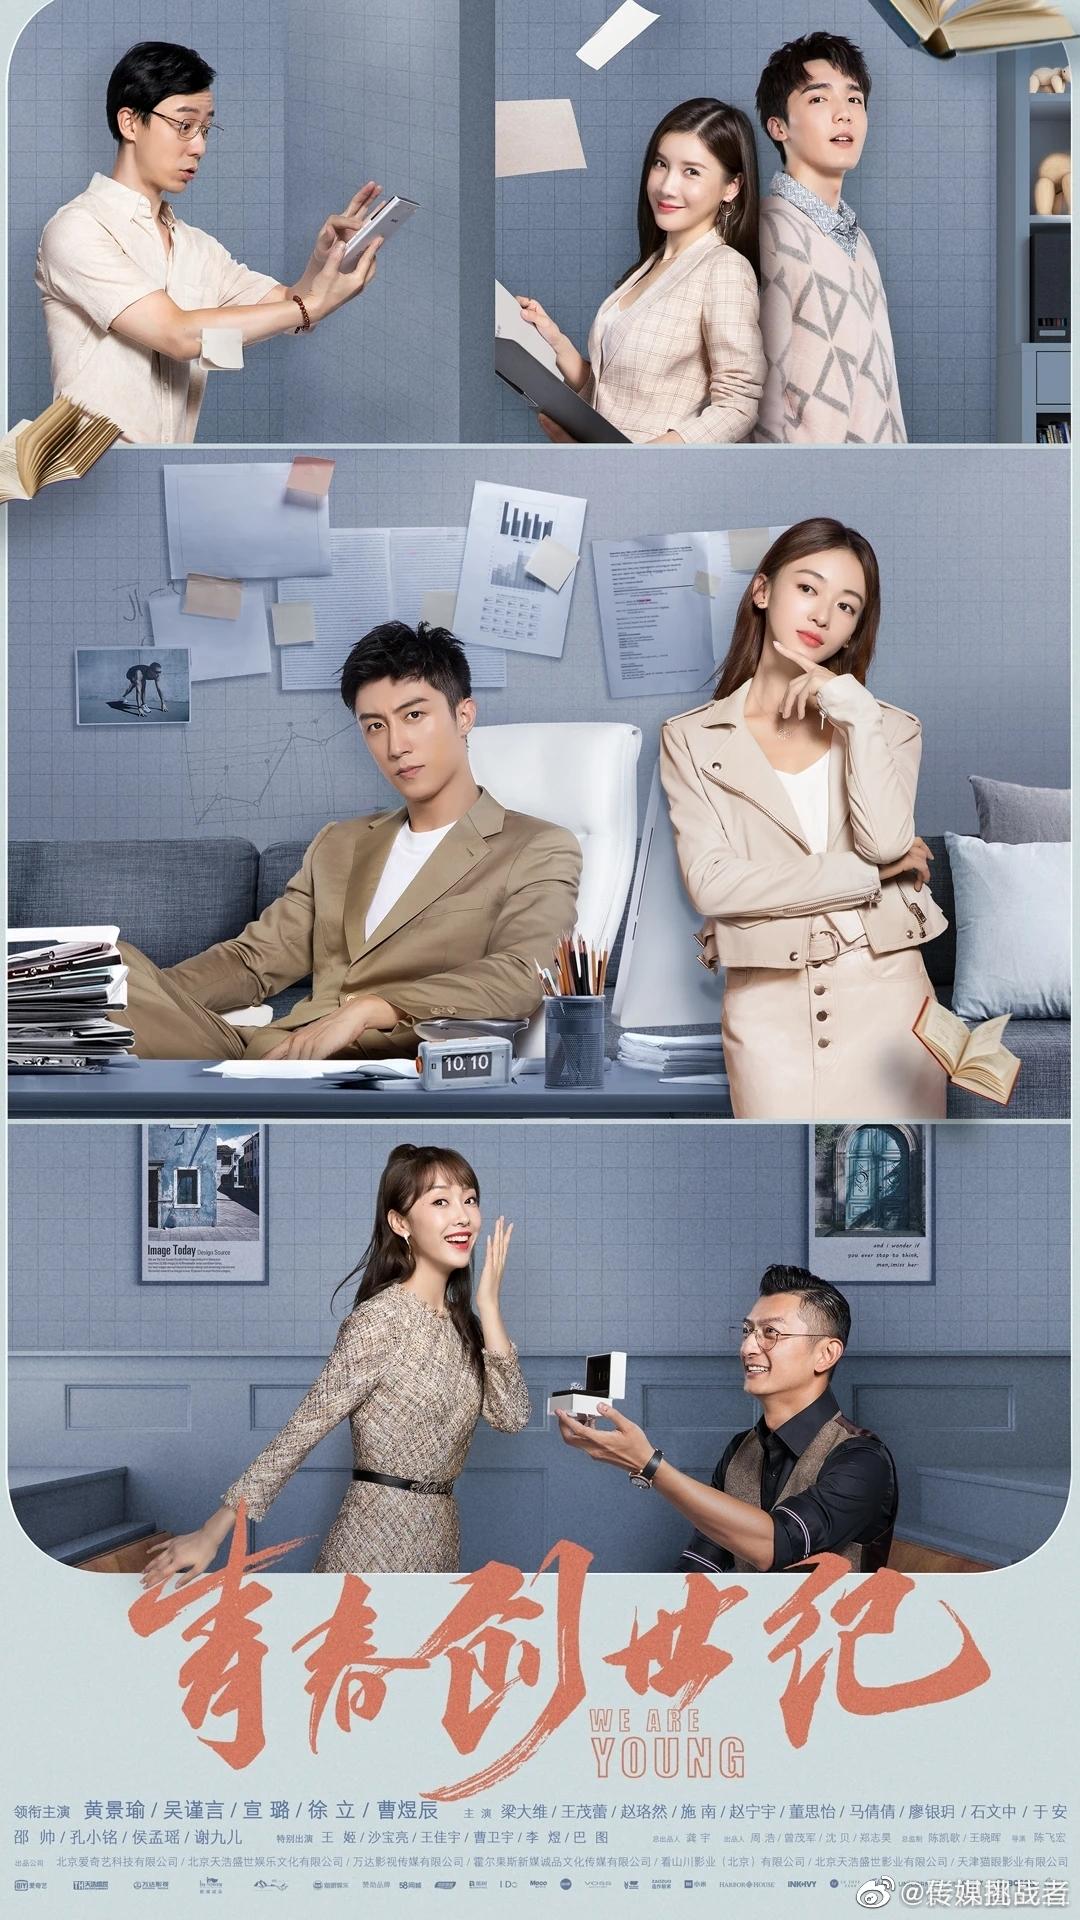 吴谨言主演新剧《青春创世纪》暂定11月份上线爱奇艺。